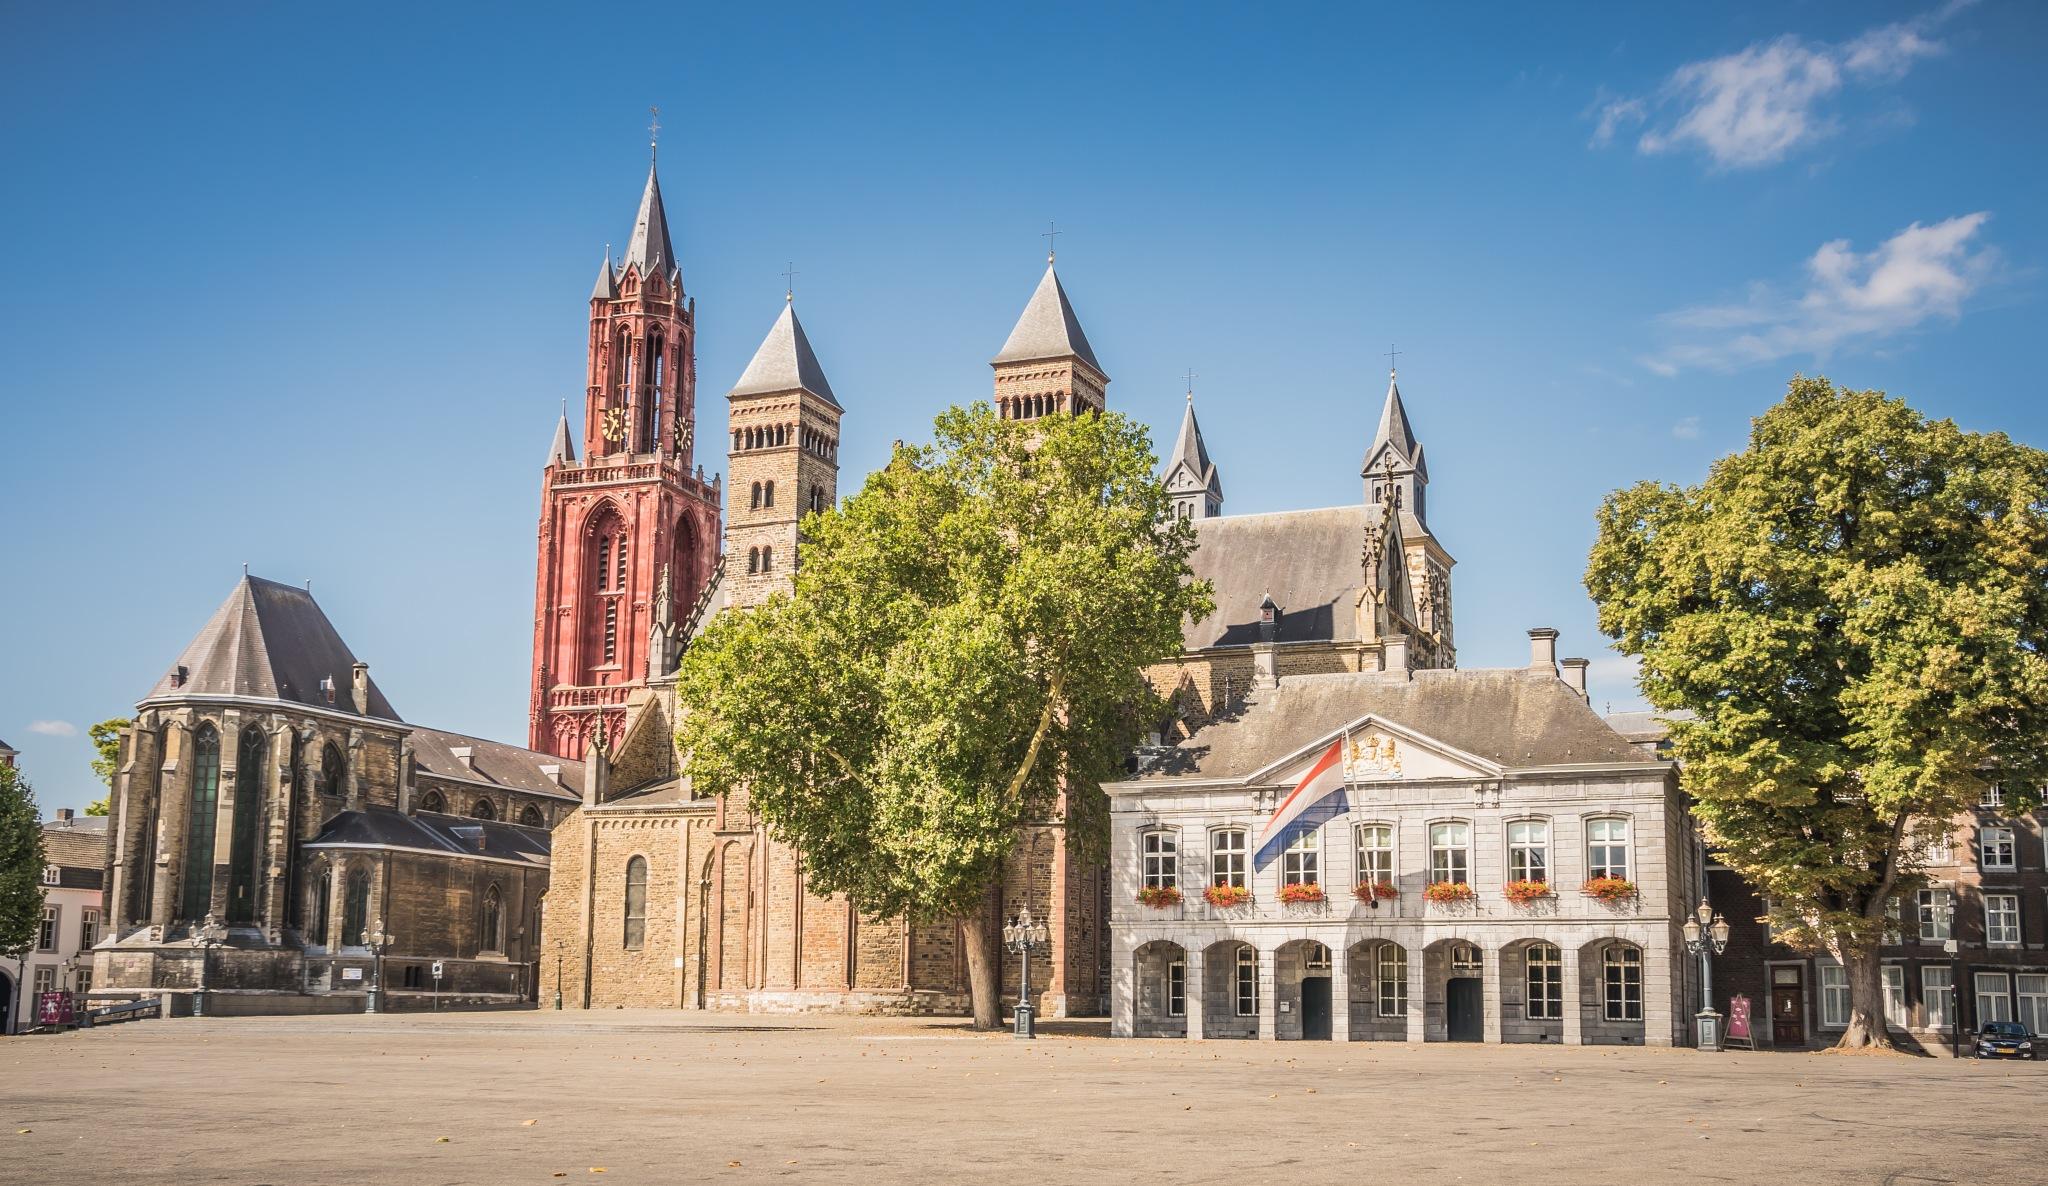 Maastricht by Hans Lunenborg